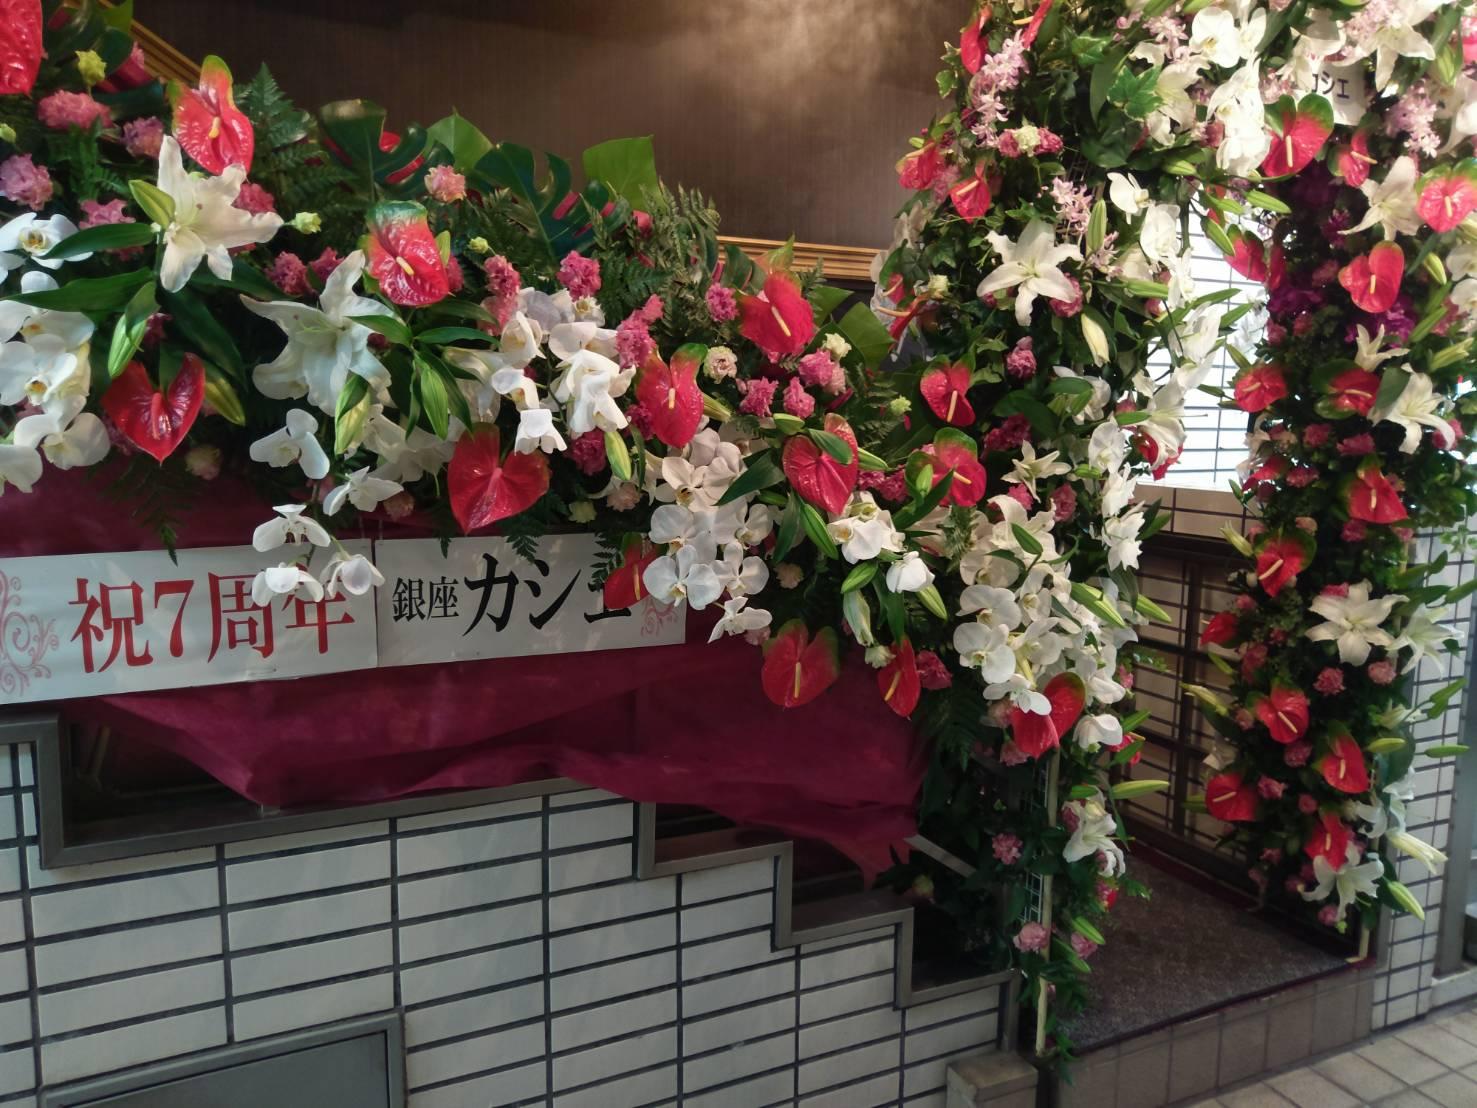 銀座8丁目 クラブ「カシェ」様、7周年おめでとうございます!